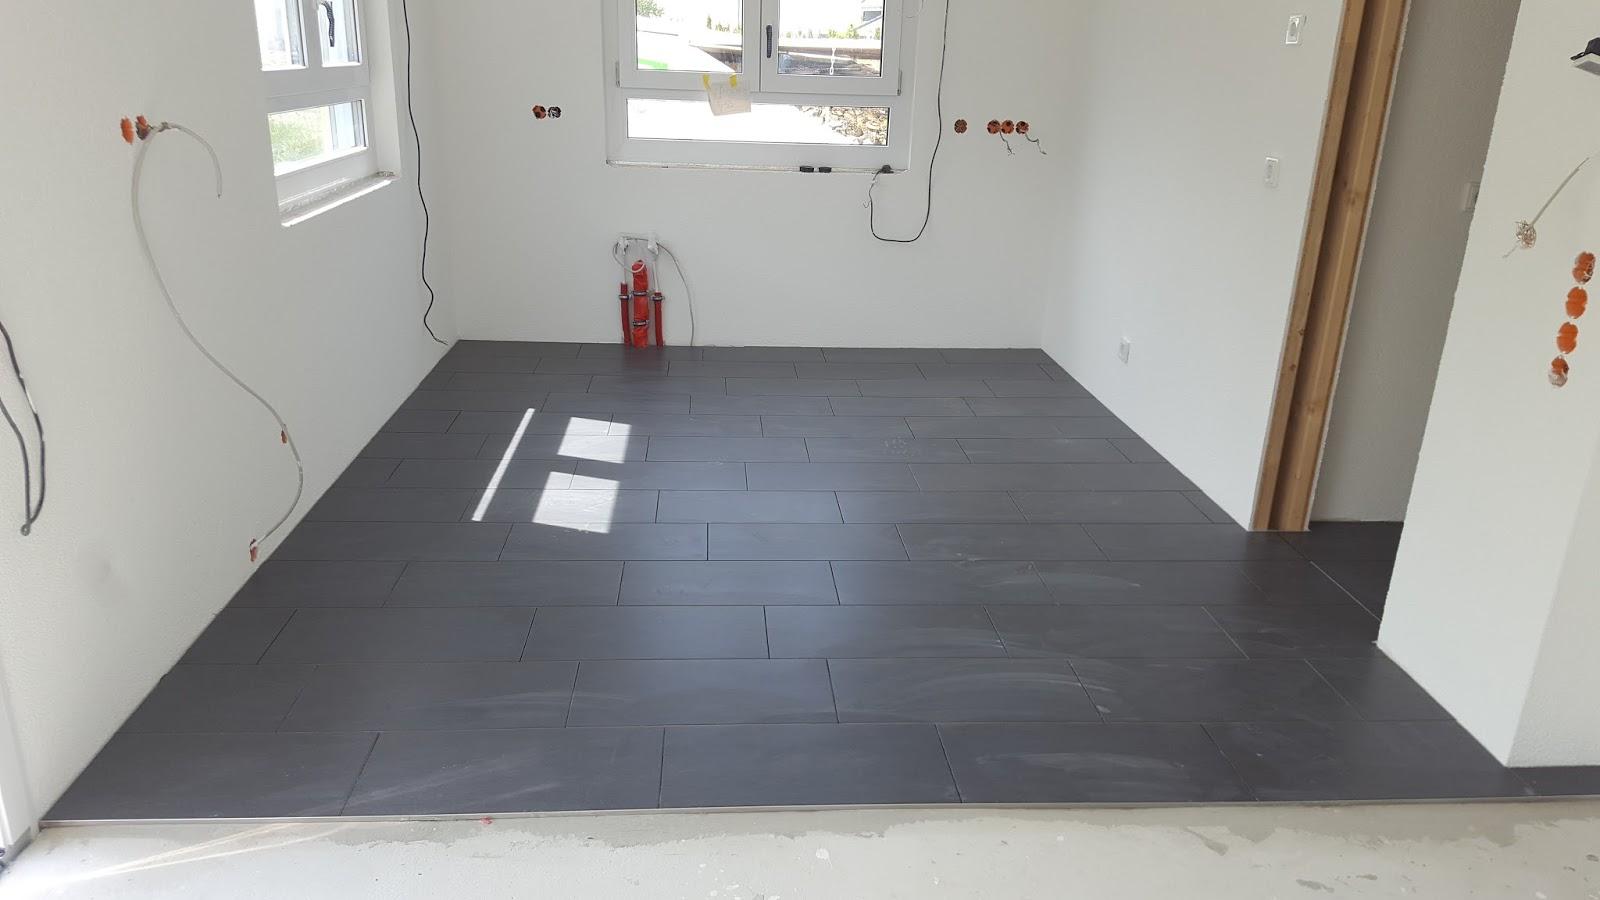 innenausbau teil 16 die bodenfliesen wurden verlegt himbeertraum. Black Bedroom Furniture Sets. Home Design Ideas